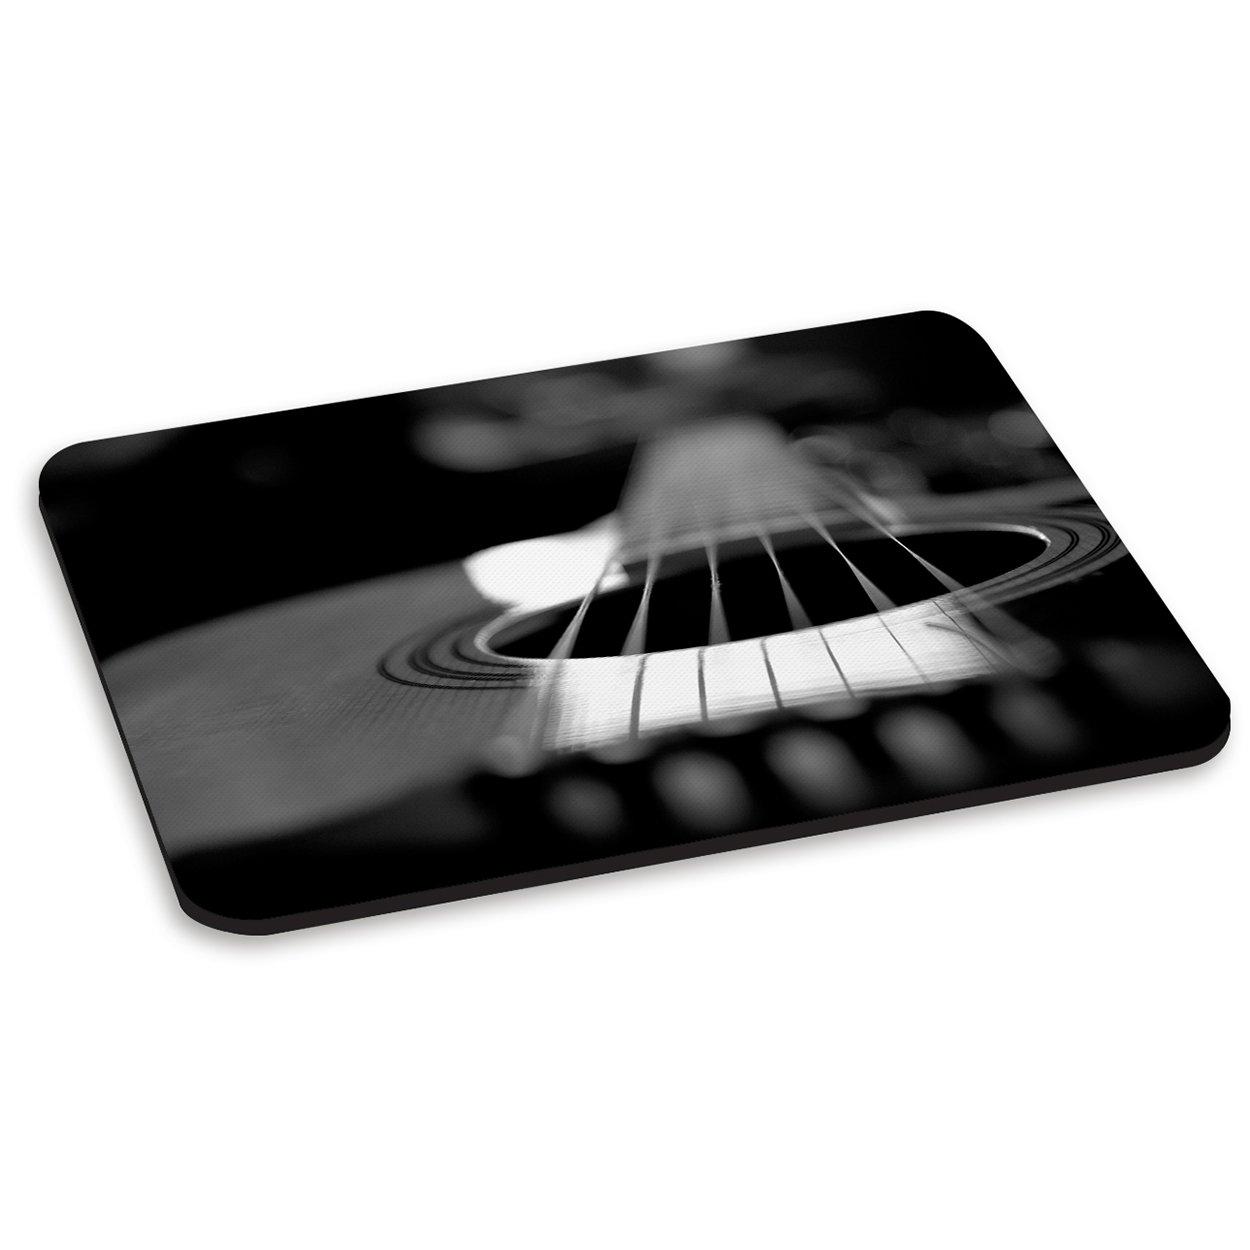 Guitarra Acústica negro y - PC para ratón de ordenador de patines sobre ruedas para alfombrilla para Country de partituras de Rock n Roll: Amazon.es: Hogar